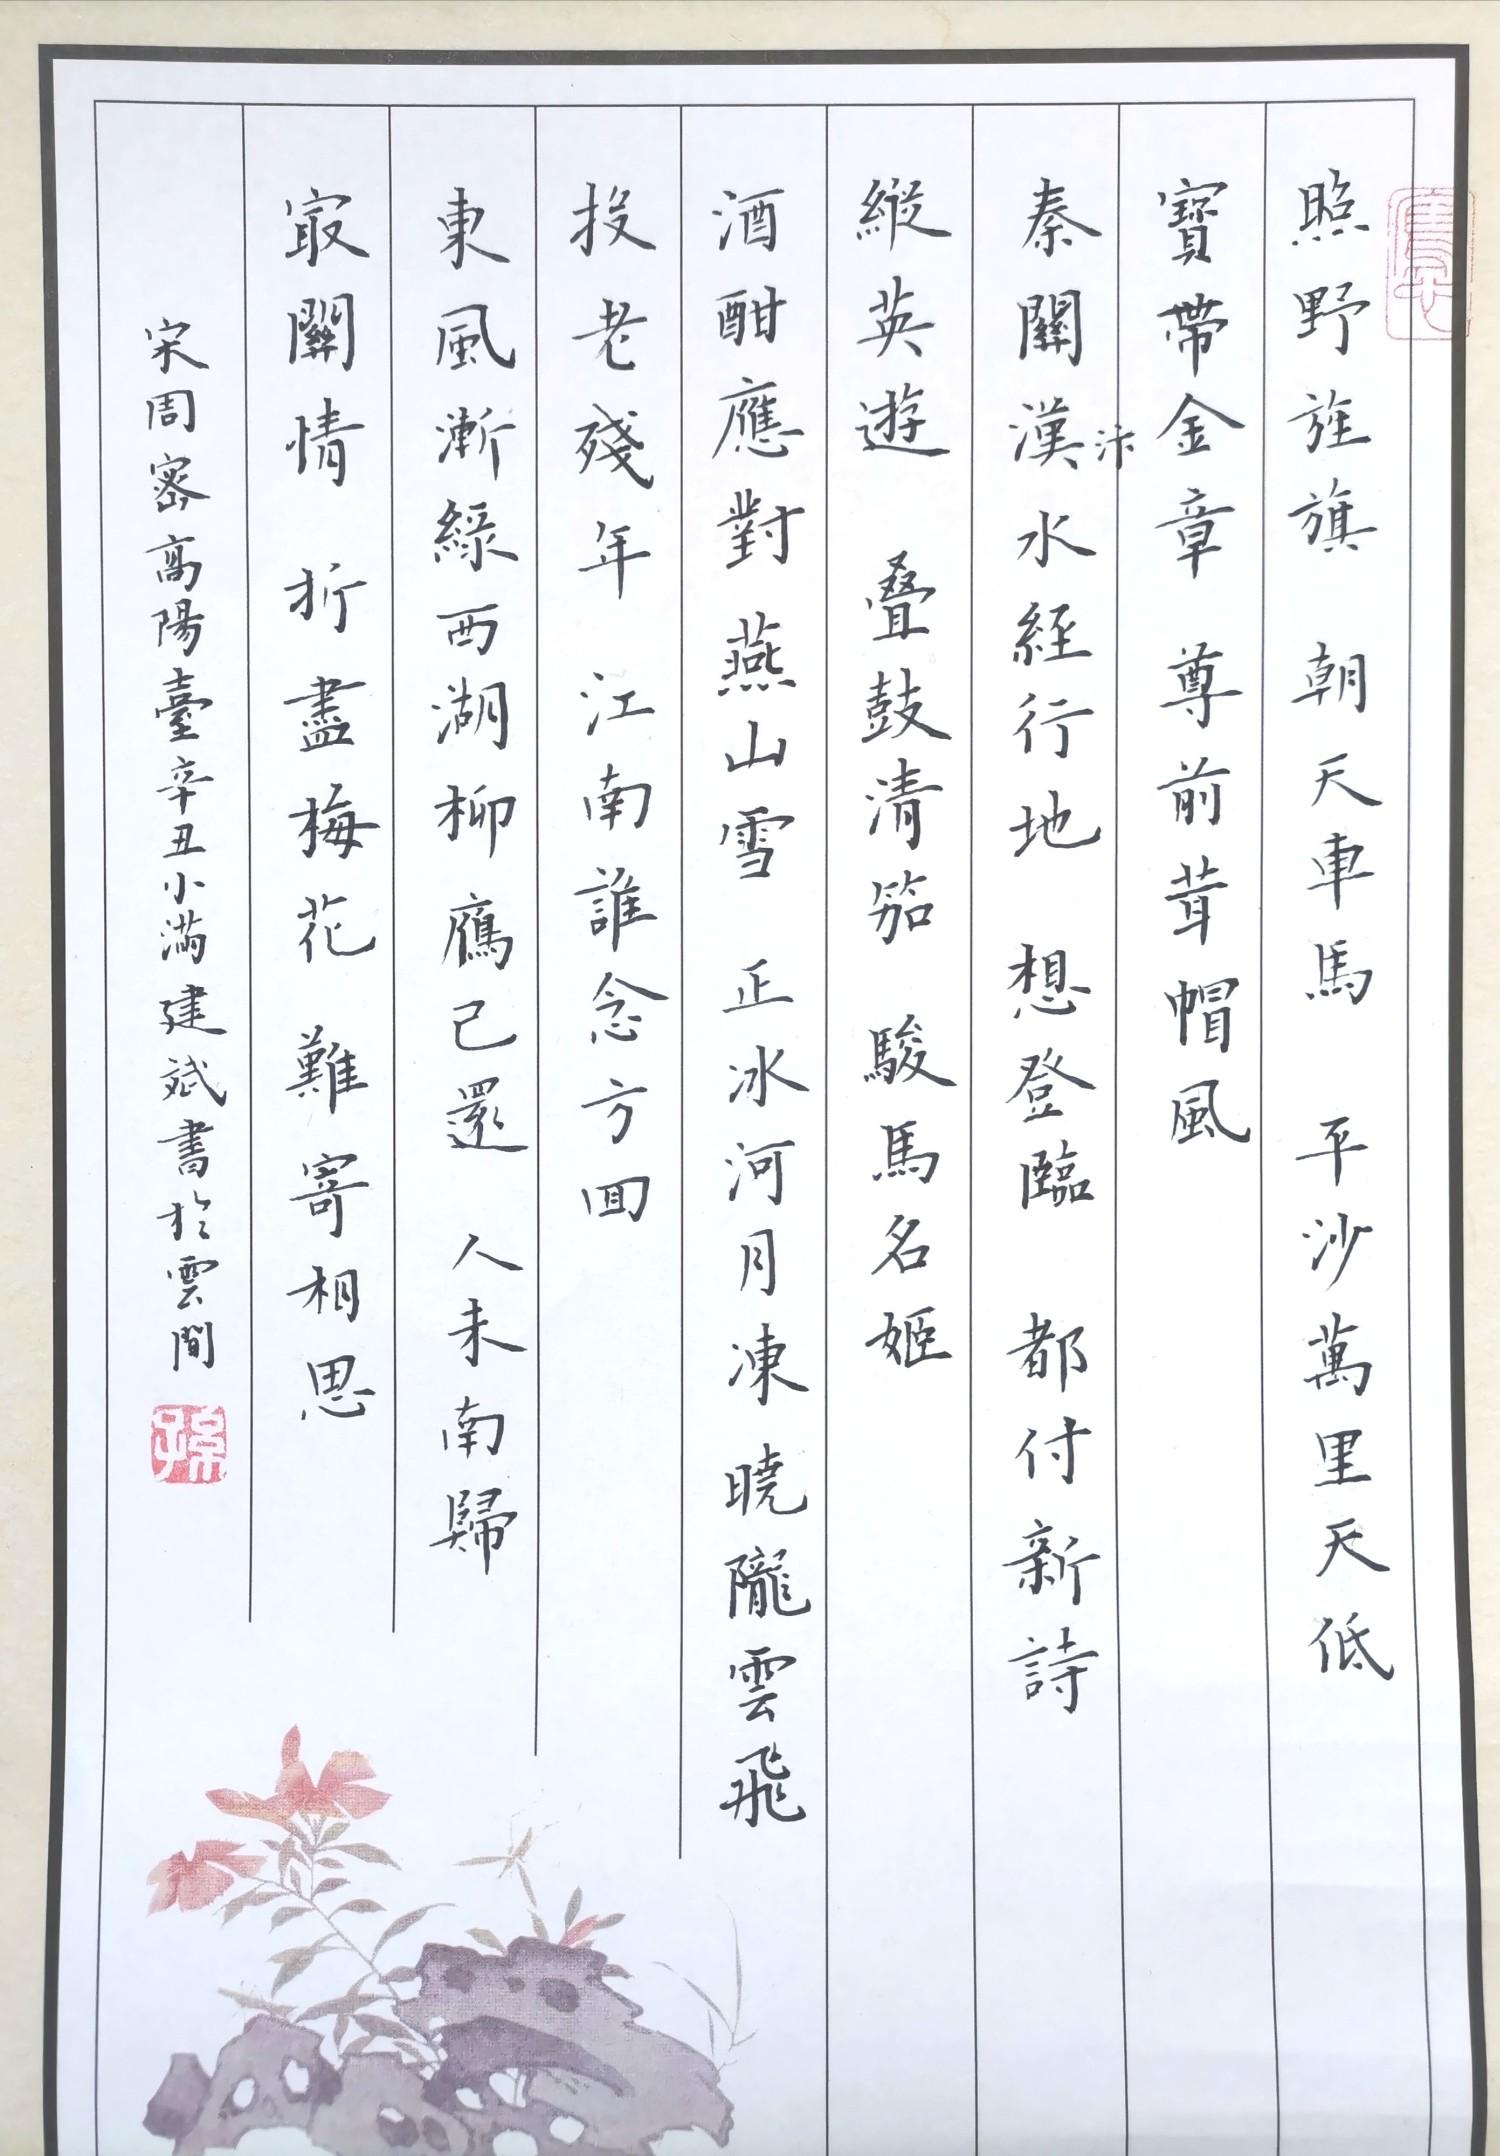 钢笔书法练字打卡20210525-02